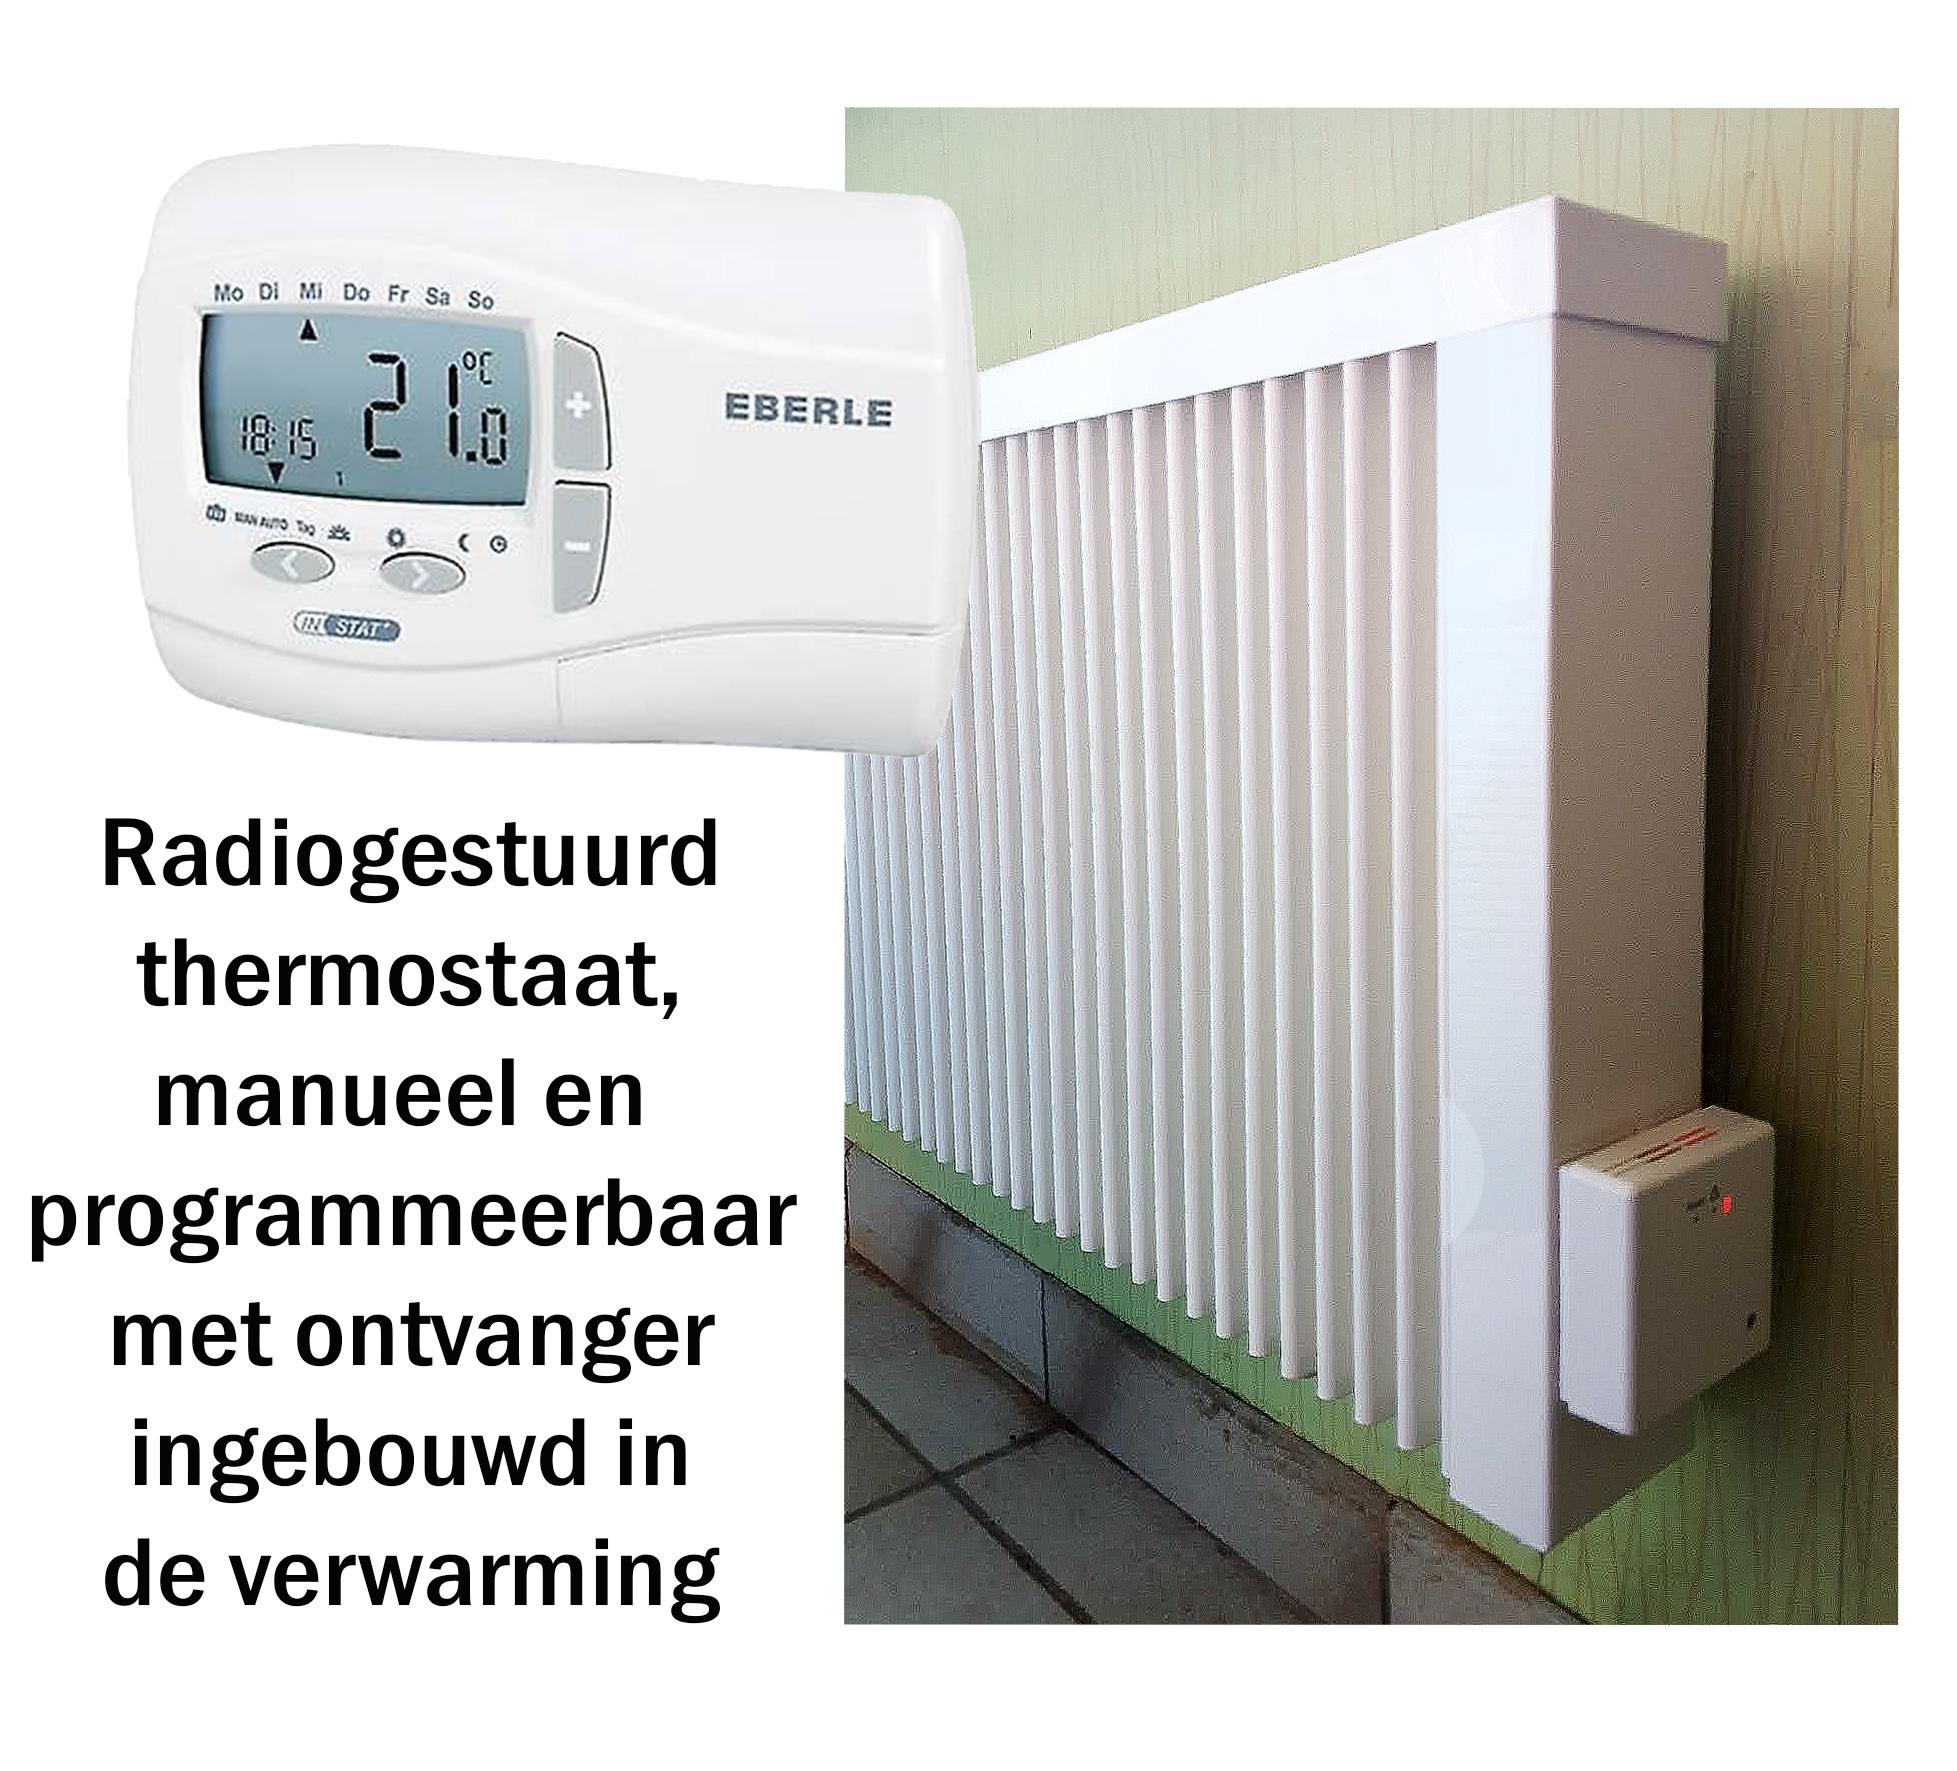 Eberle instant+ 868r ingeb ontvanger in verwarming